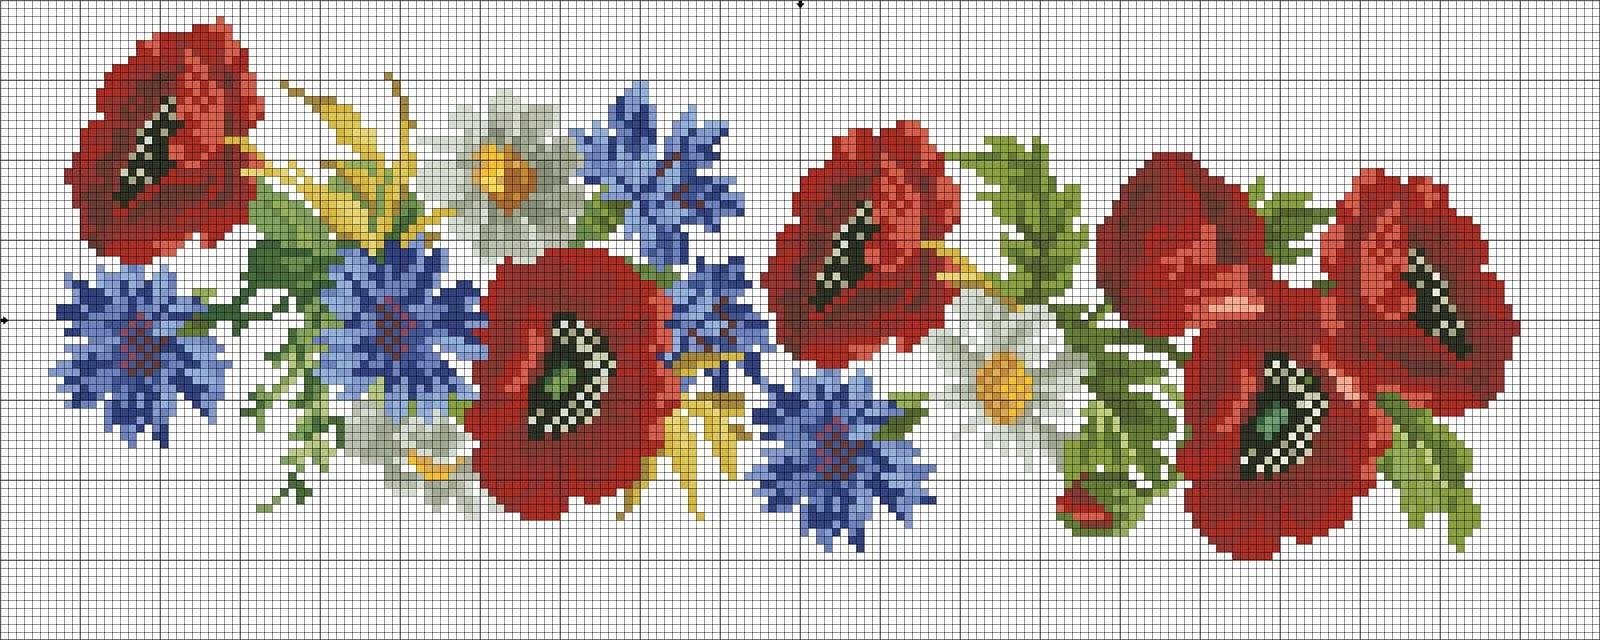 Cross Stitching Patterns - Cross Stitch Patterns Free Printable